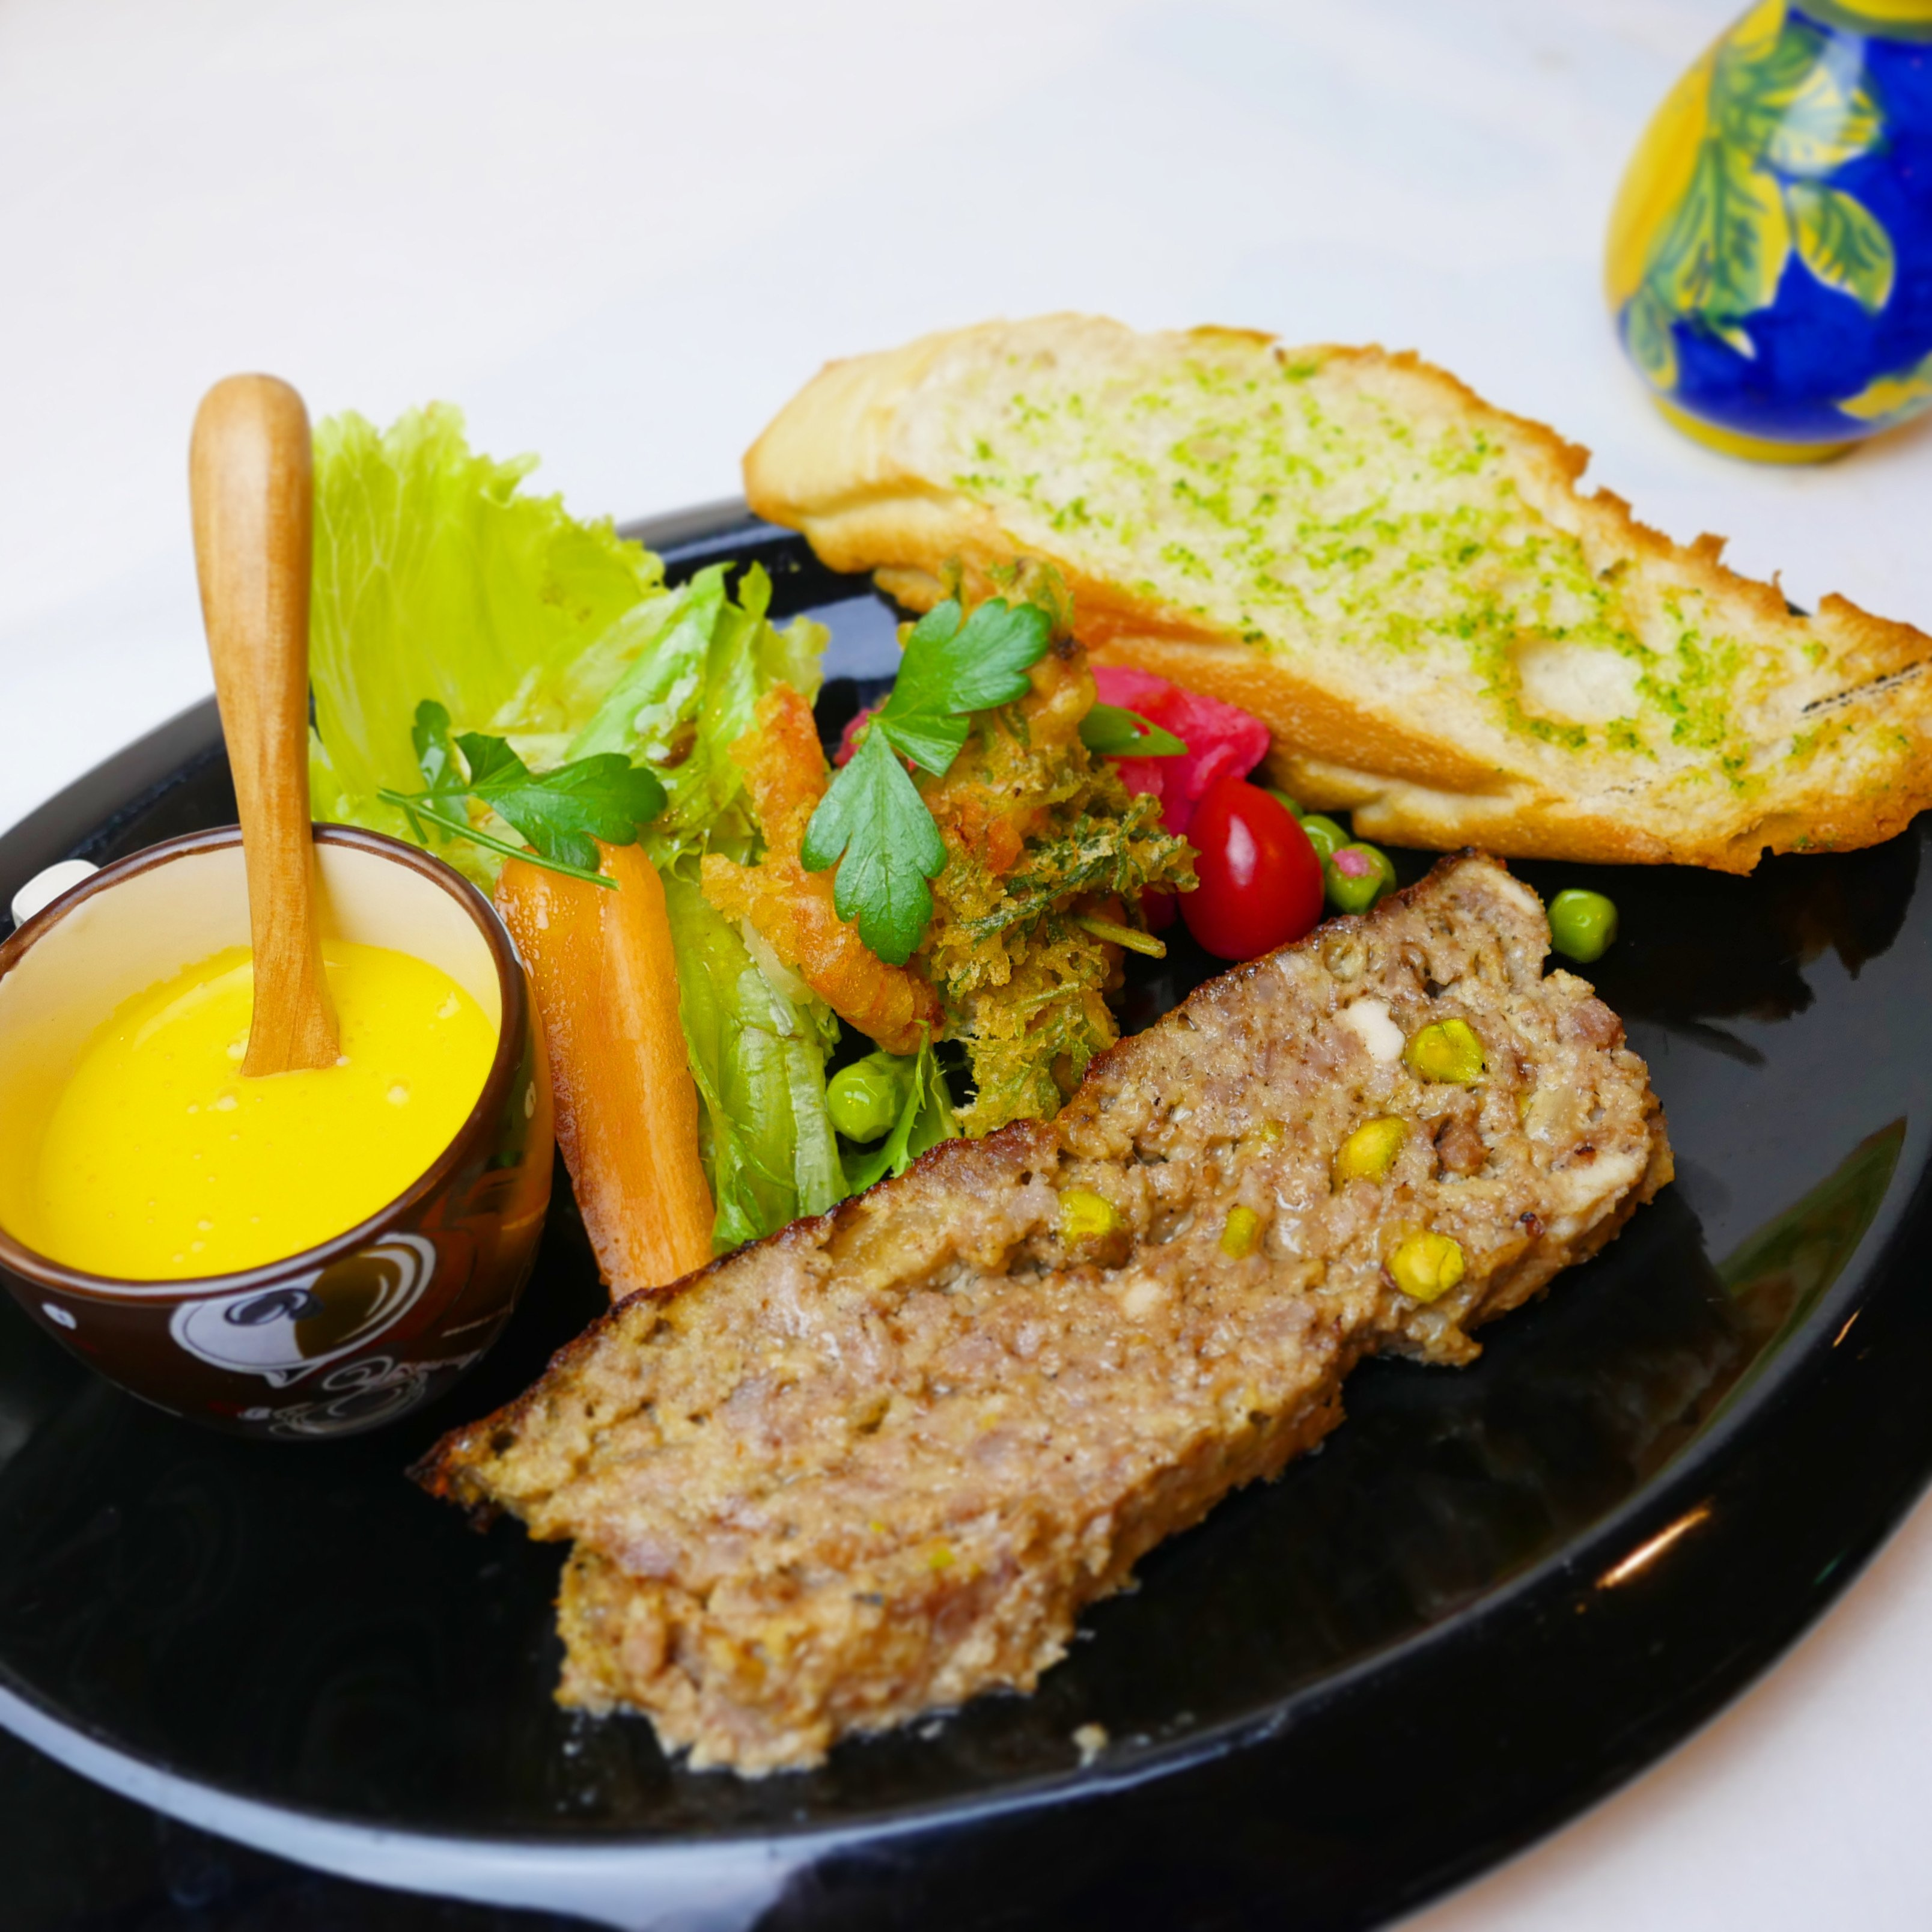 [現地払い専用]ゴロゴロお肉のイタリア風パテワンプレートランチのイメージその1